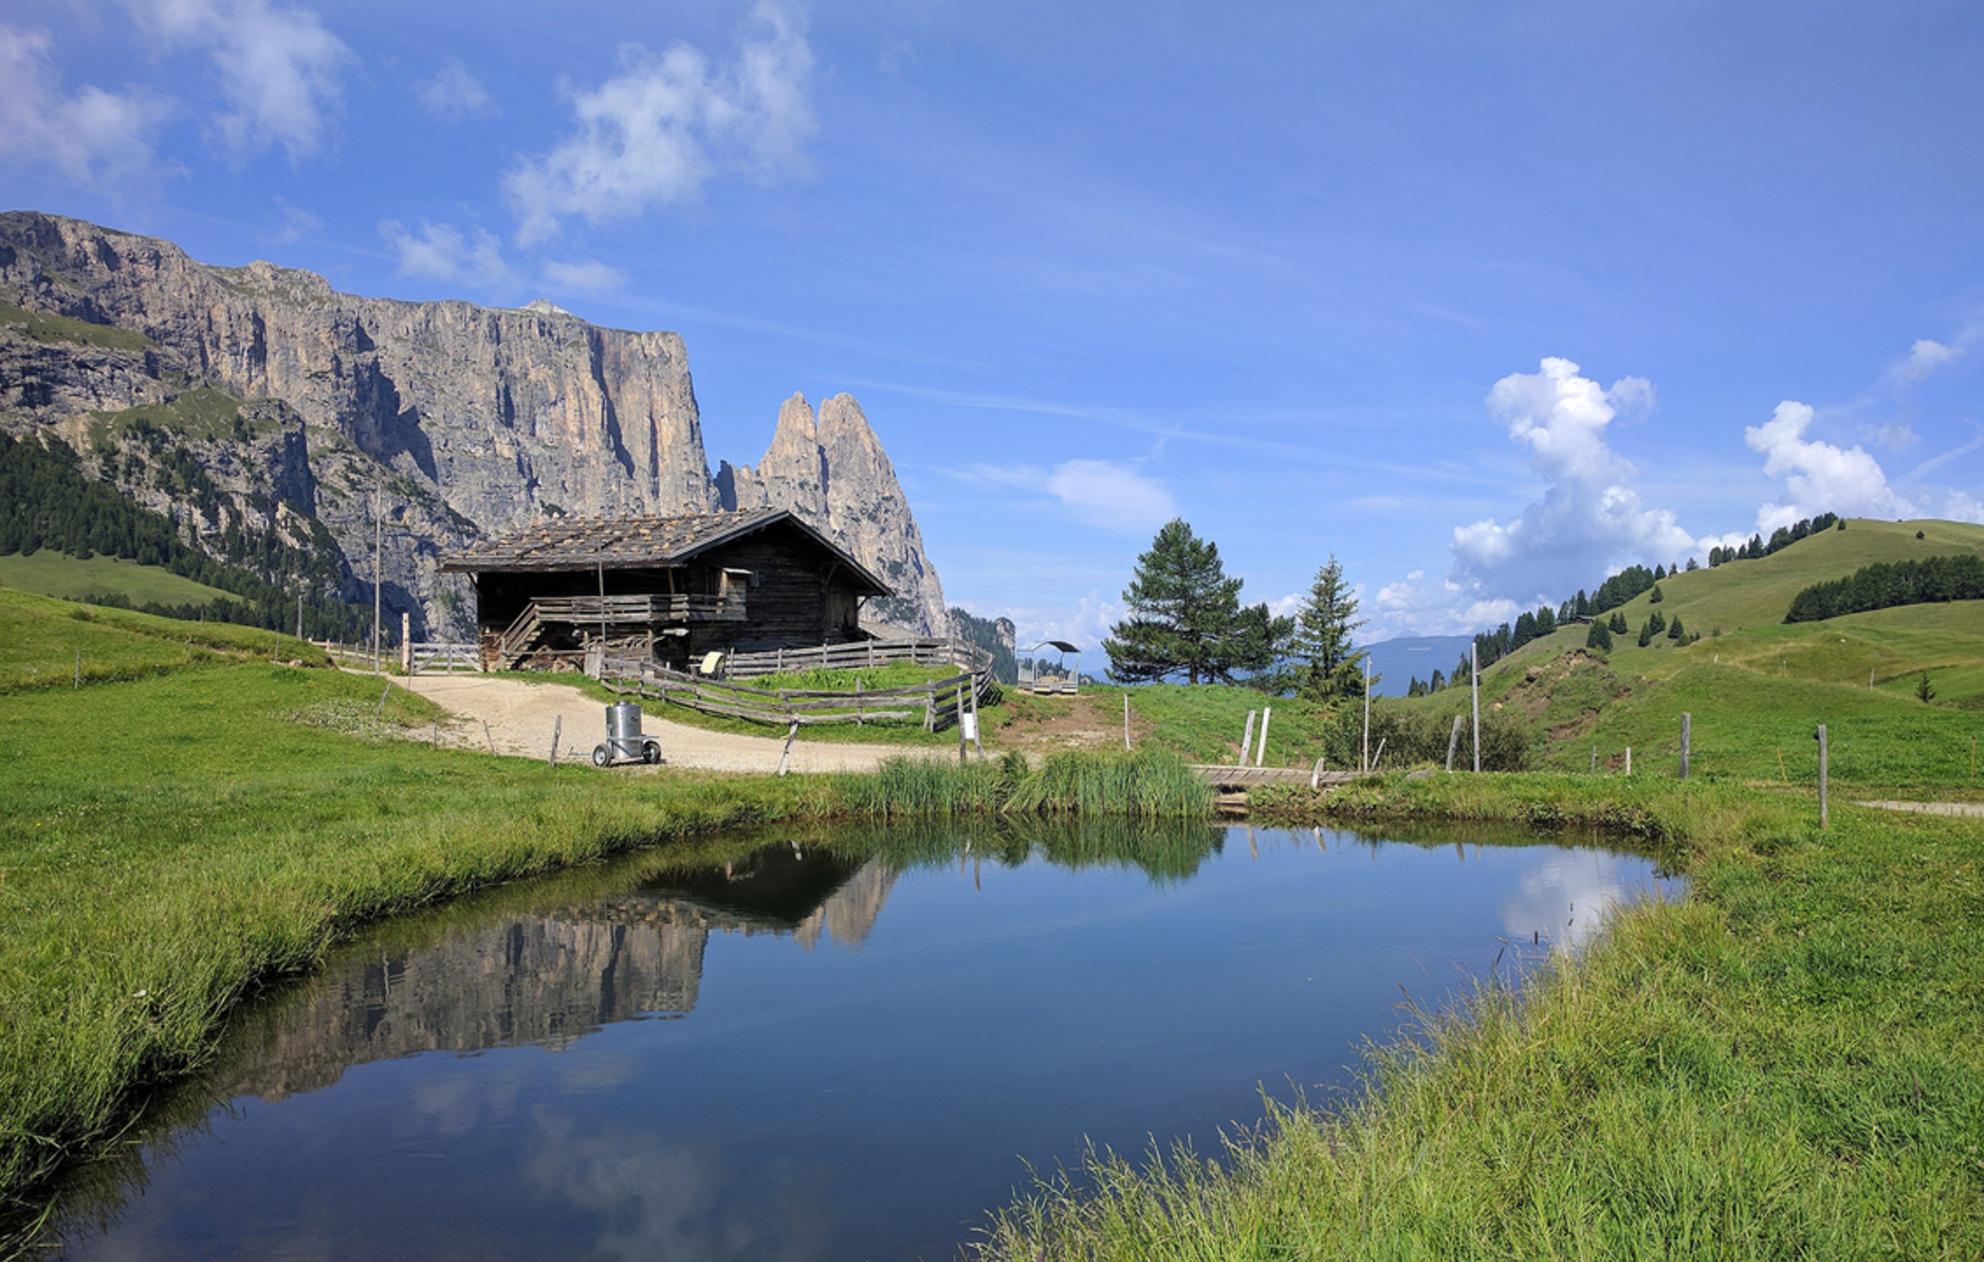 seiser alm-schlern - Mijn favoriete vakantiebestemming ; Süd tirol en dan de seiser alm. Hier een schuur waar nog traditioneel gemolken wordt met op de achtergrond de Sc - foto door jansweijer op 25-09-2019 - deze foto bevat: italie, alpen, dolomieten, schlern, jans, Süd Tirol, seiser alm